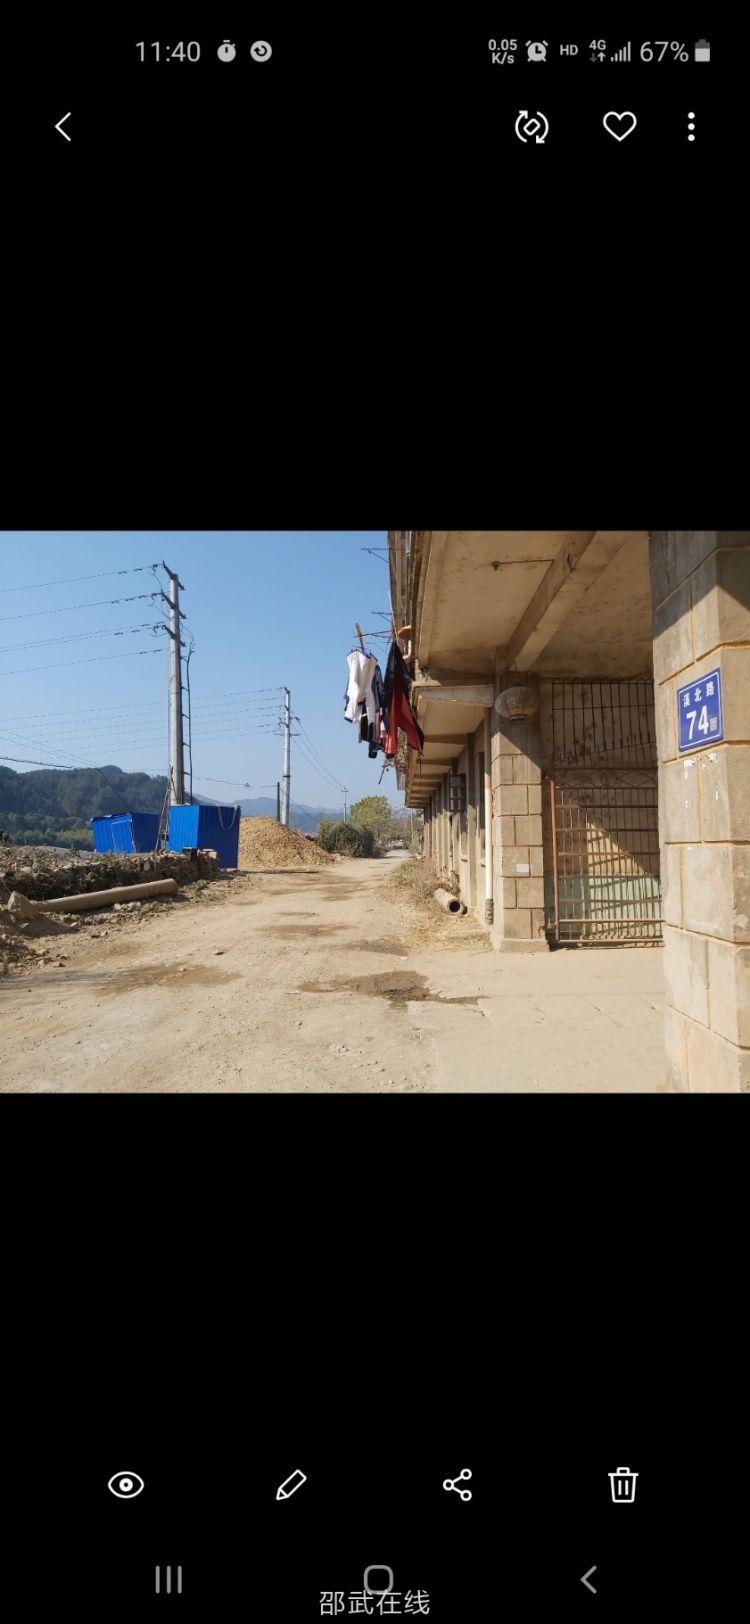 近一楼高的沙石料堆放在危楼墙根,妥吗